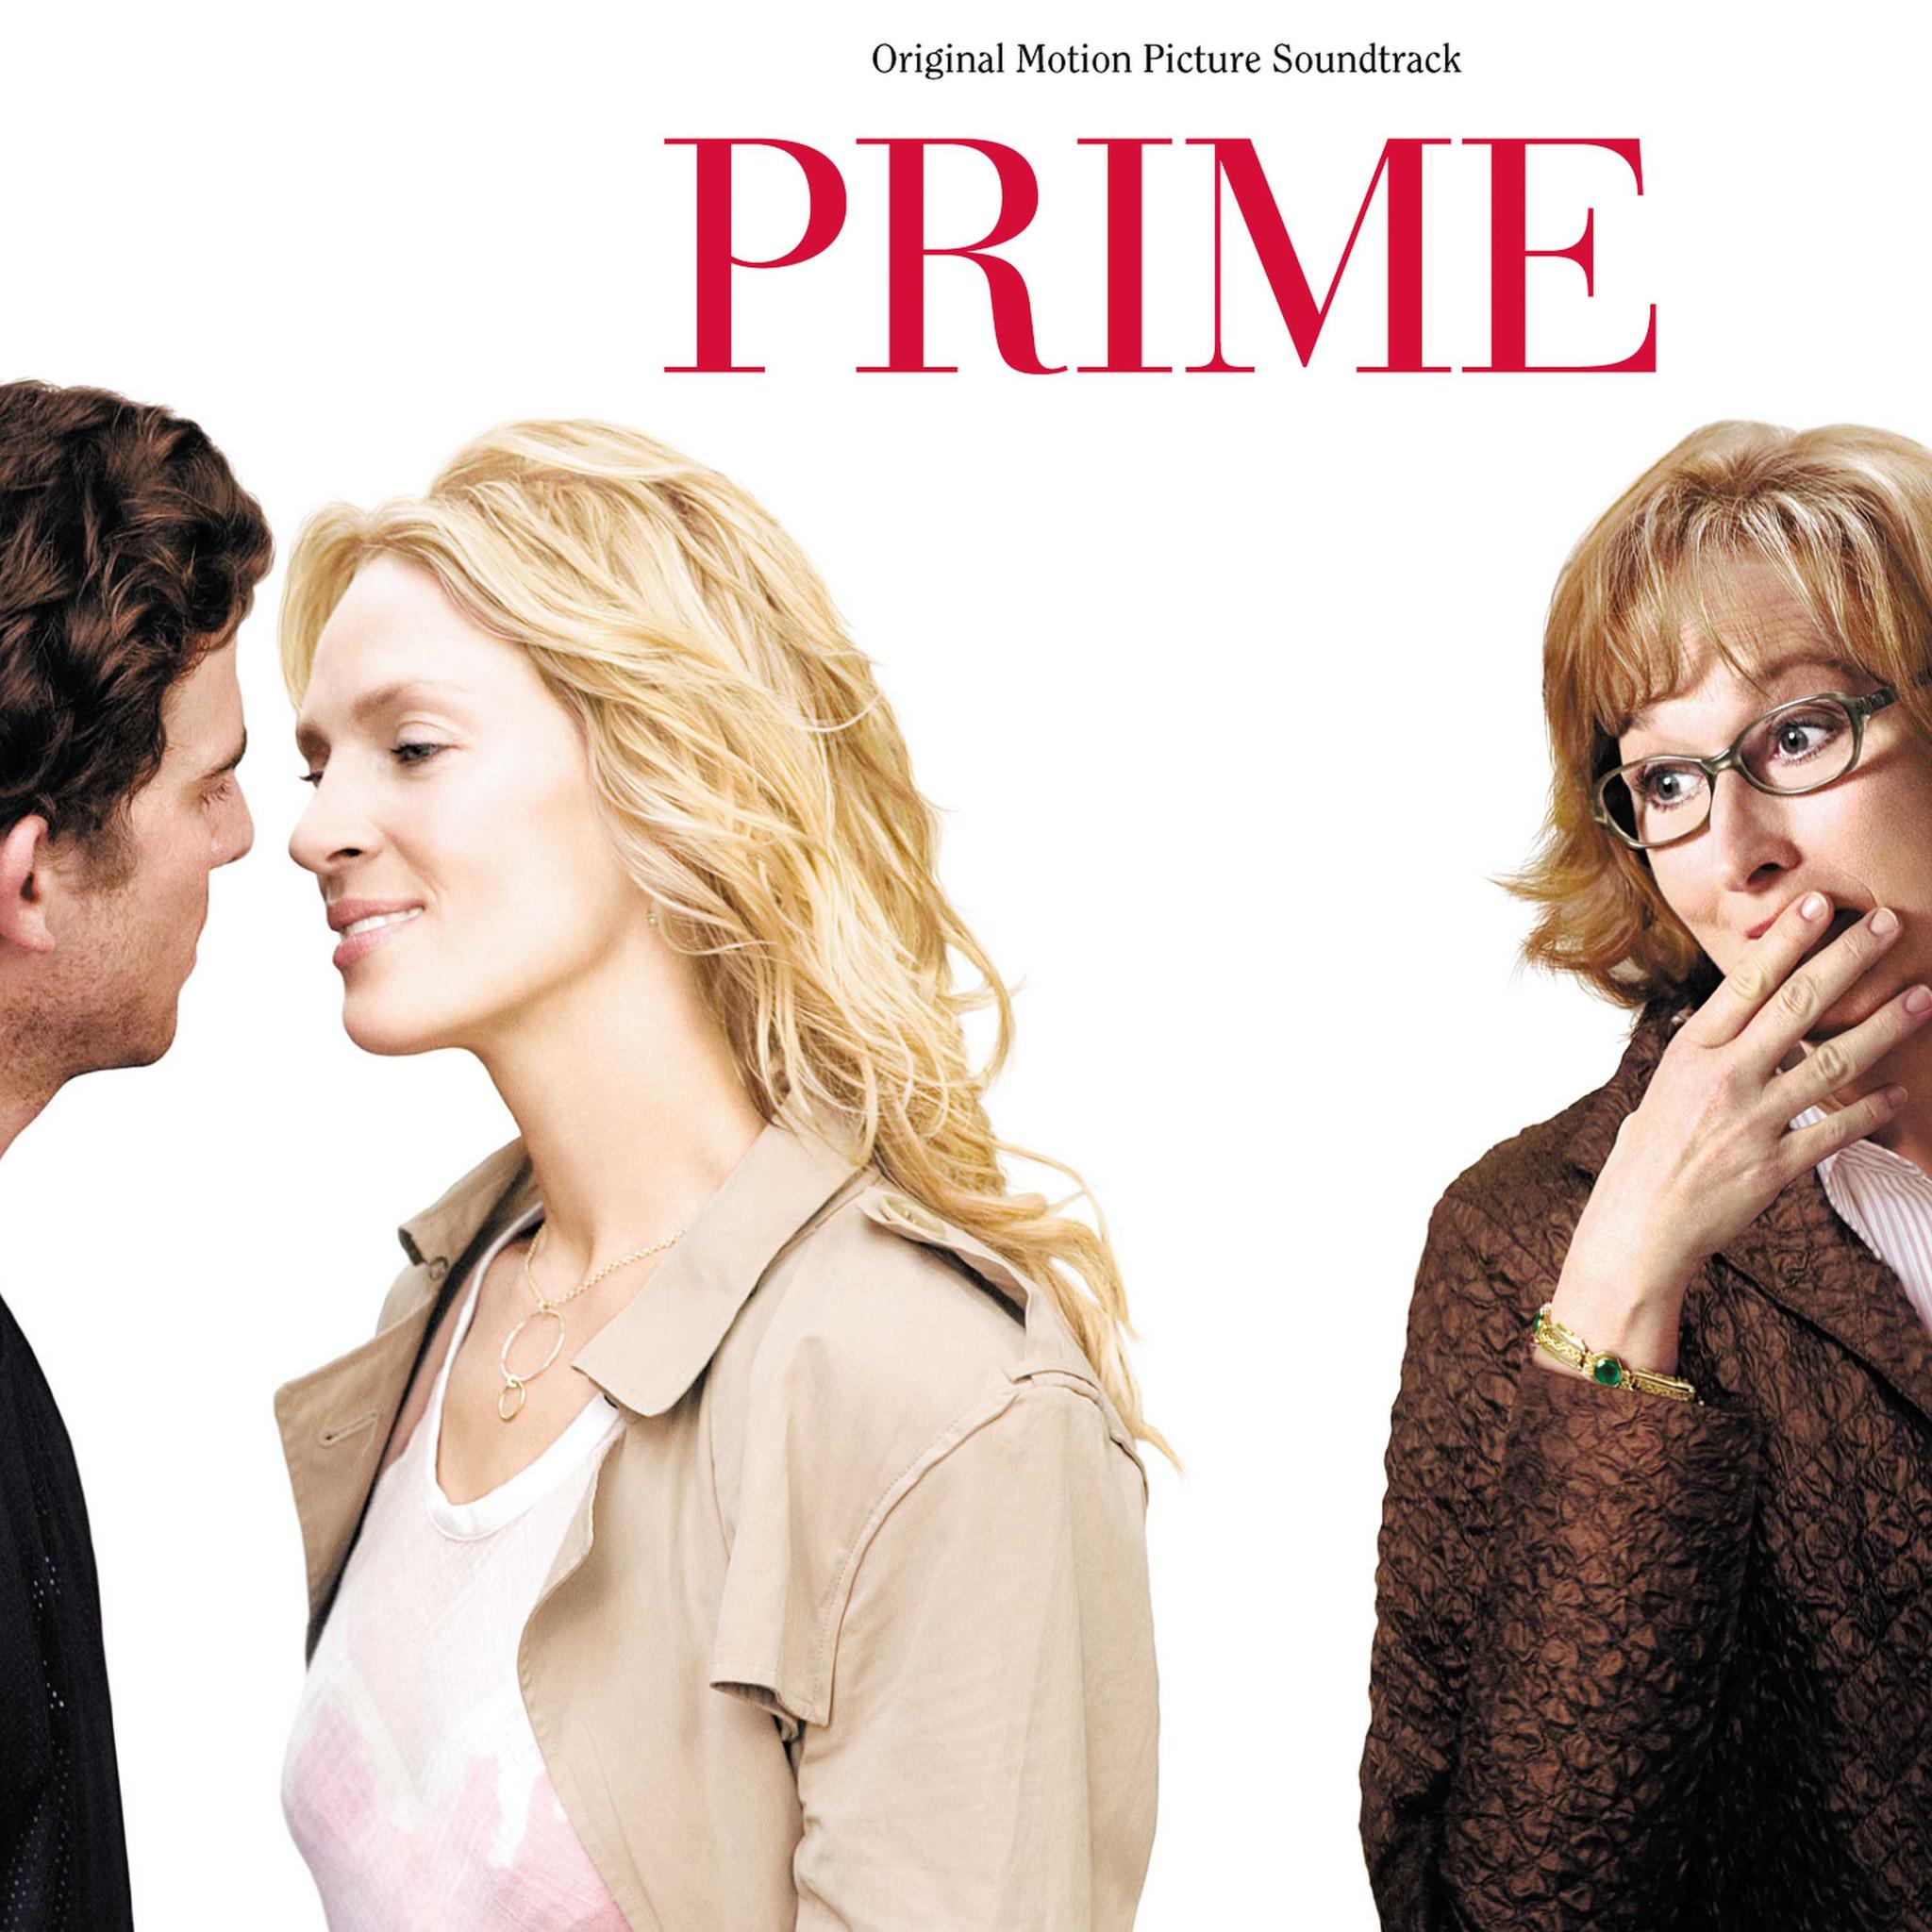 Prime - O.s.t - Musik - SOUNDTRACK - 0030206669428 - October 25, 2005